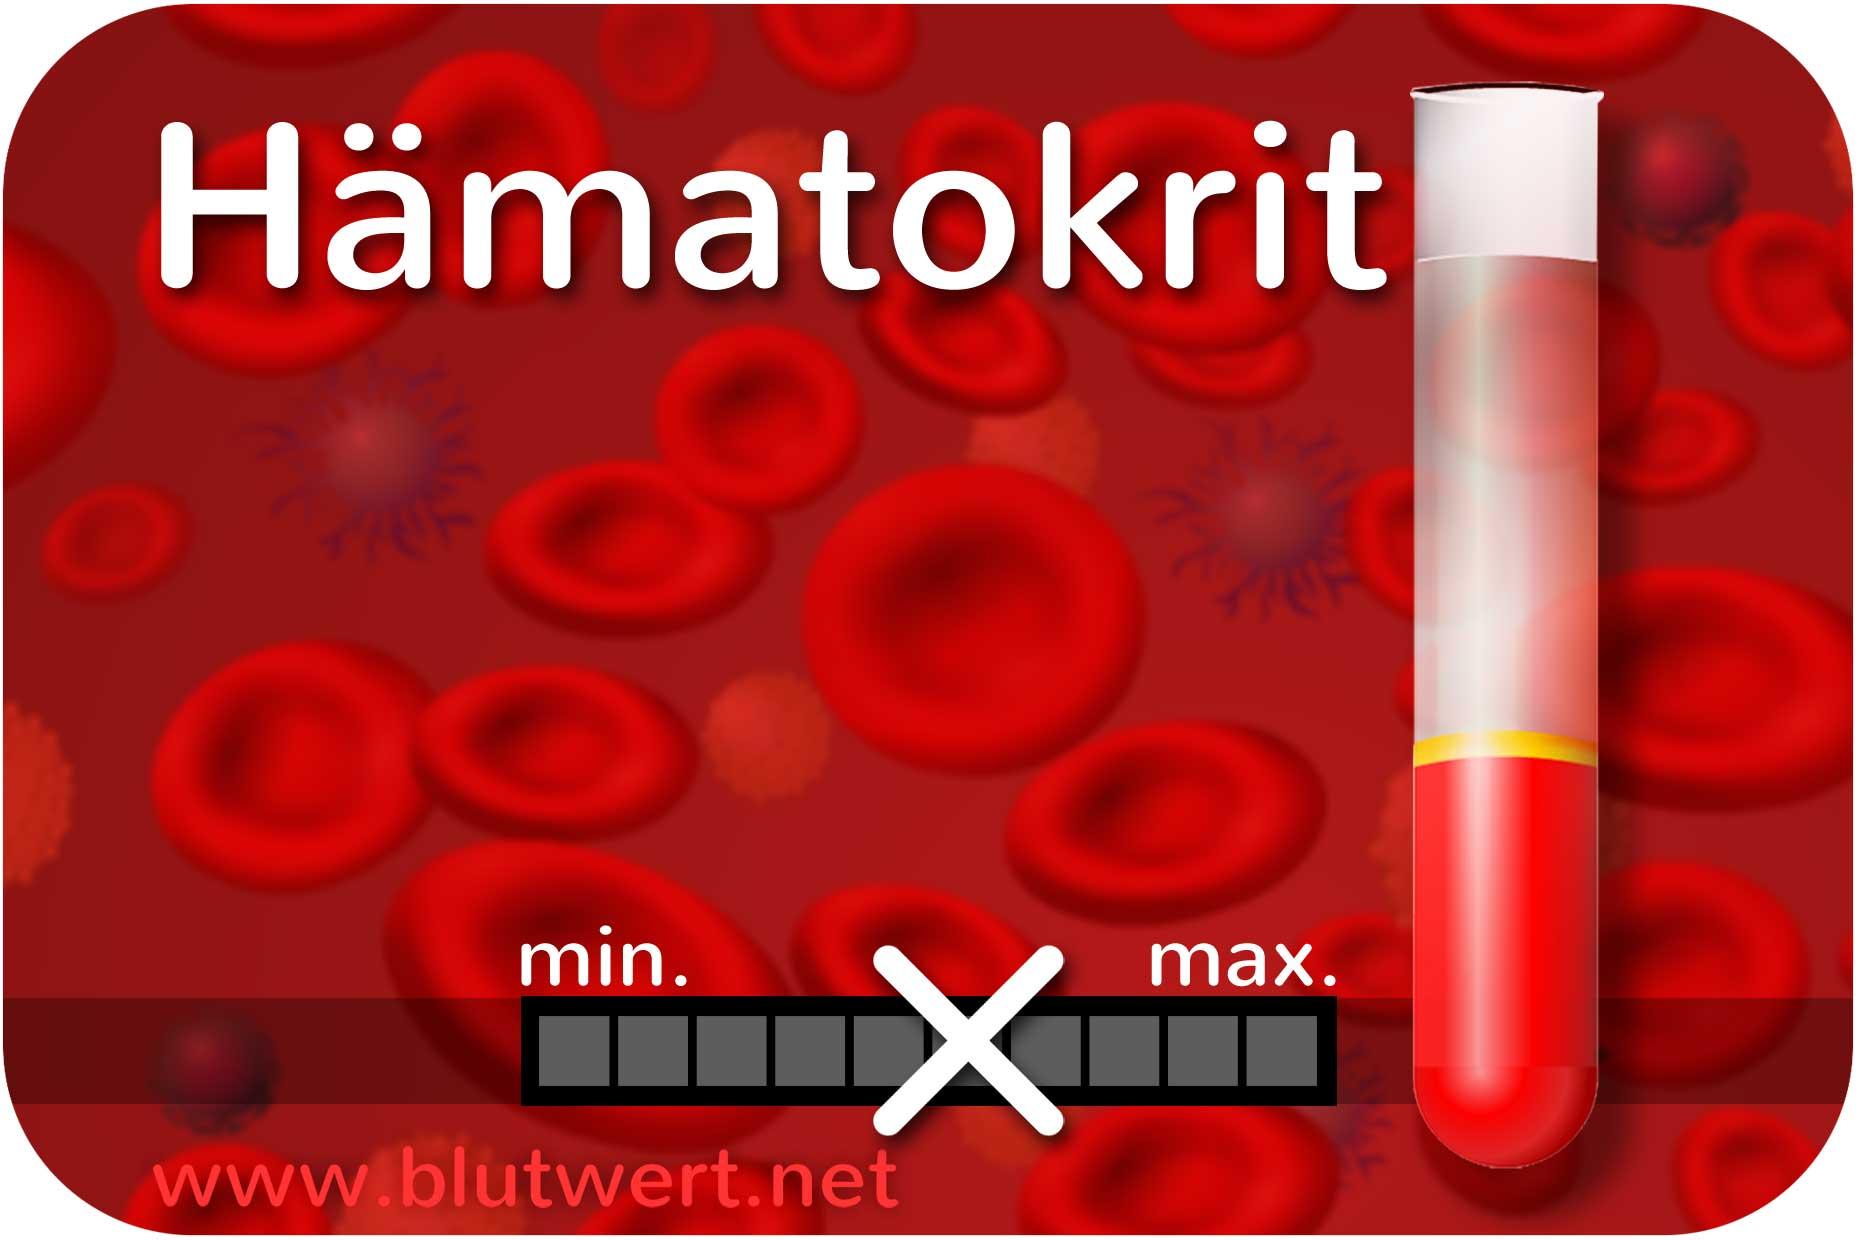 Hkt Blutwert